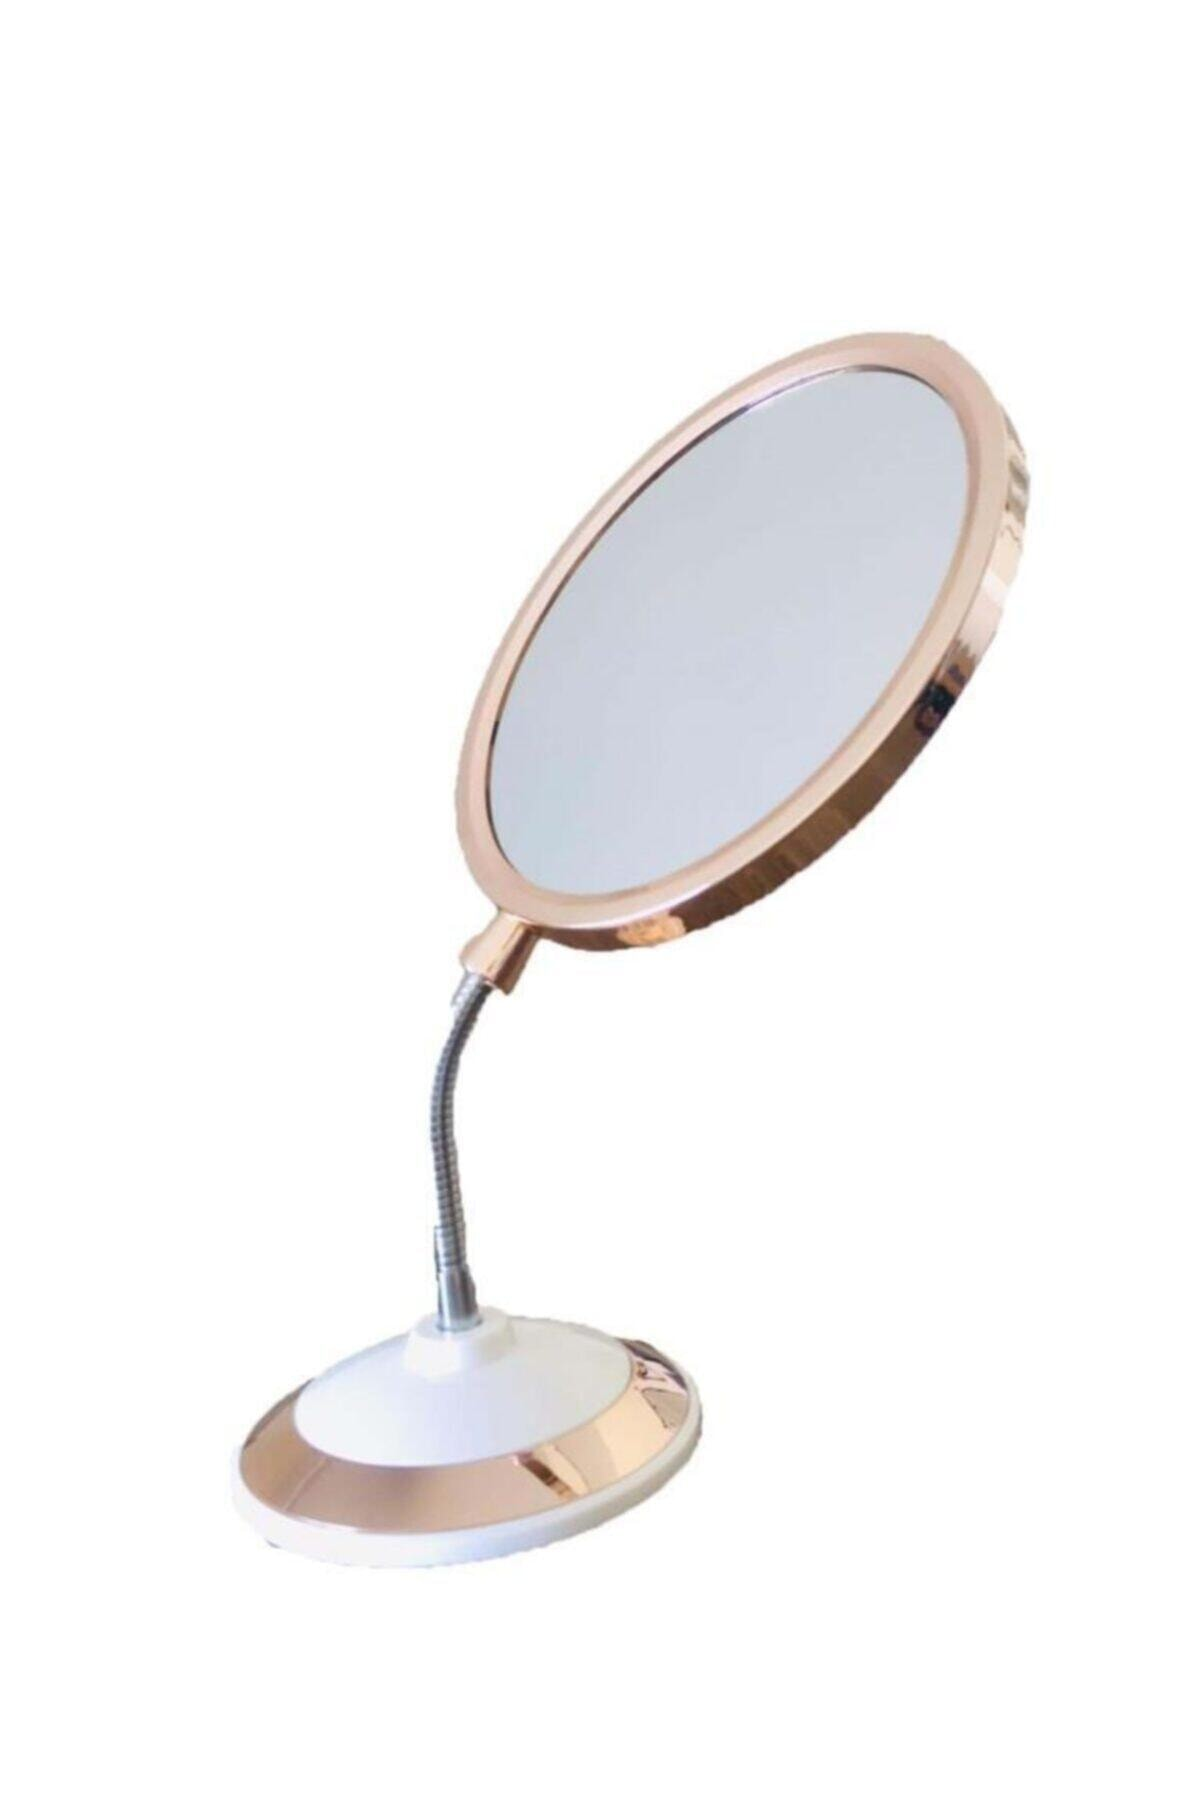 SUME Çift Taraflı 360 Derece Eğilebilir Büyüteçli Makyaj Aynası 1